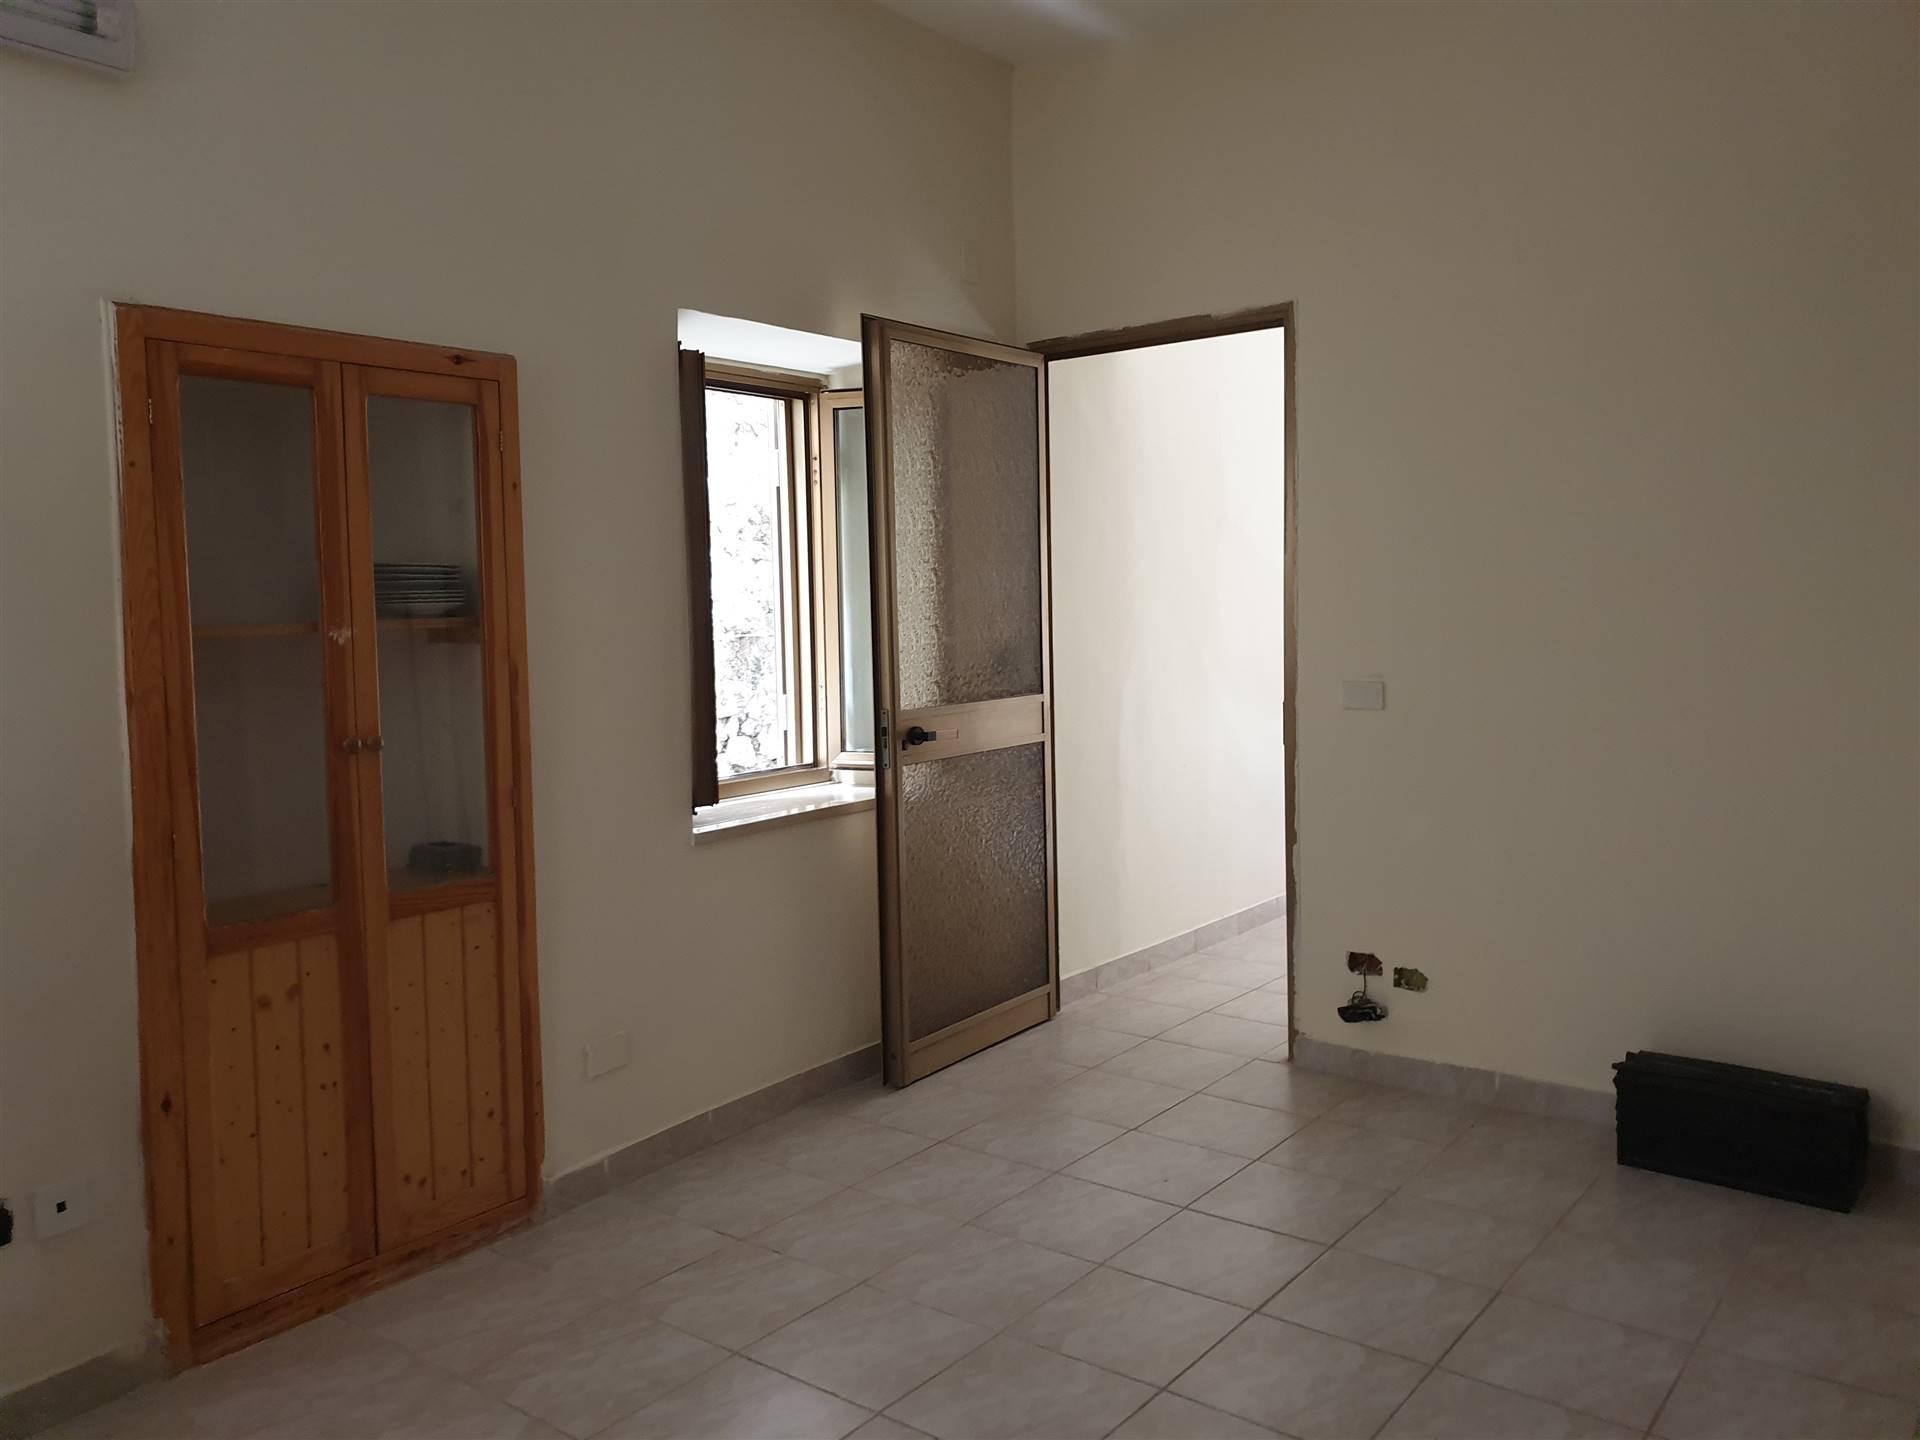 NORMA, Appartamento in affitto di 50 Mq, Buone condizioni, posto al piano Terra, composto da: 2 Vani, 1 Camera, 1 Bagno, Prezzo: € 280